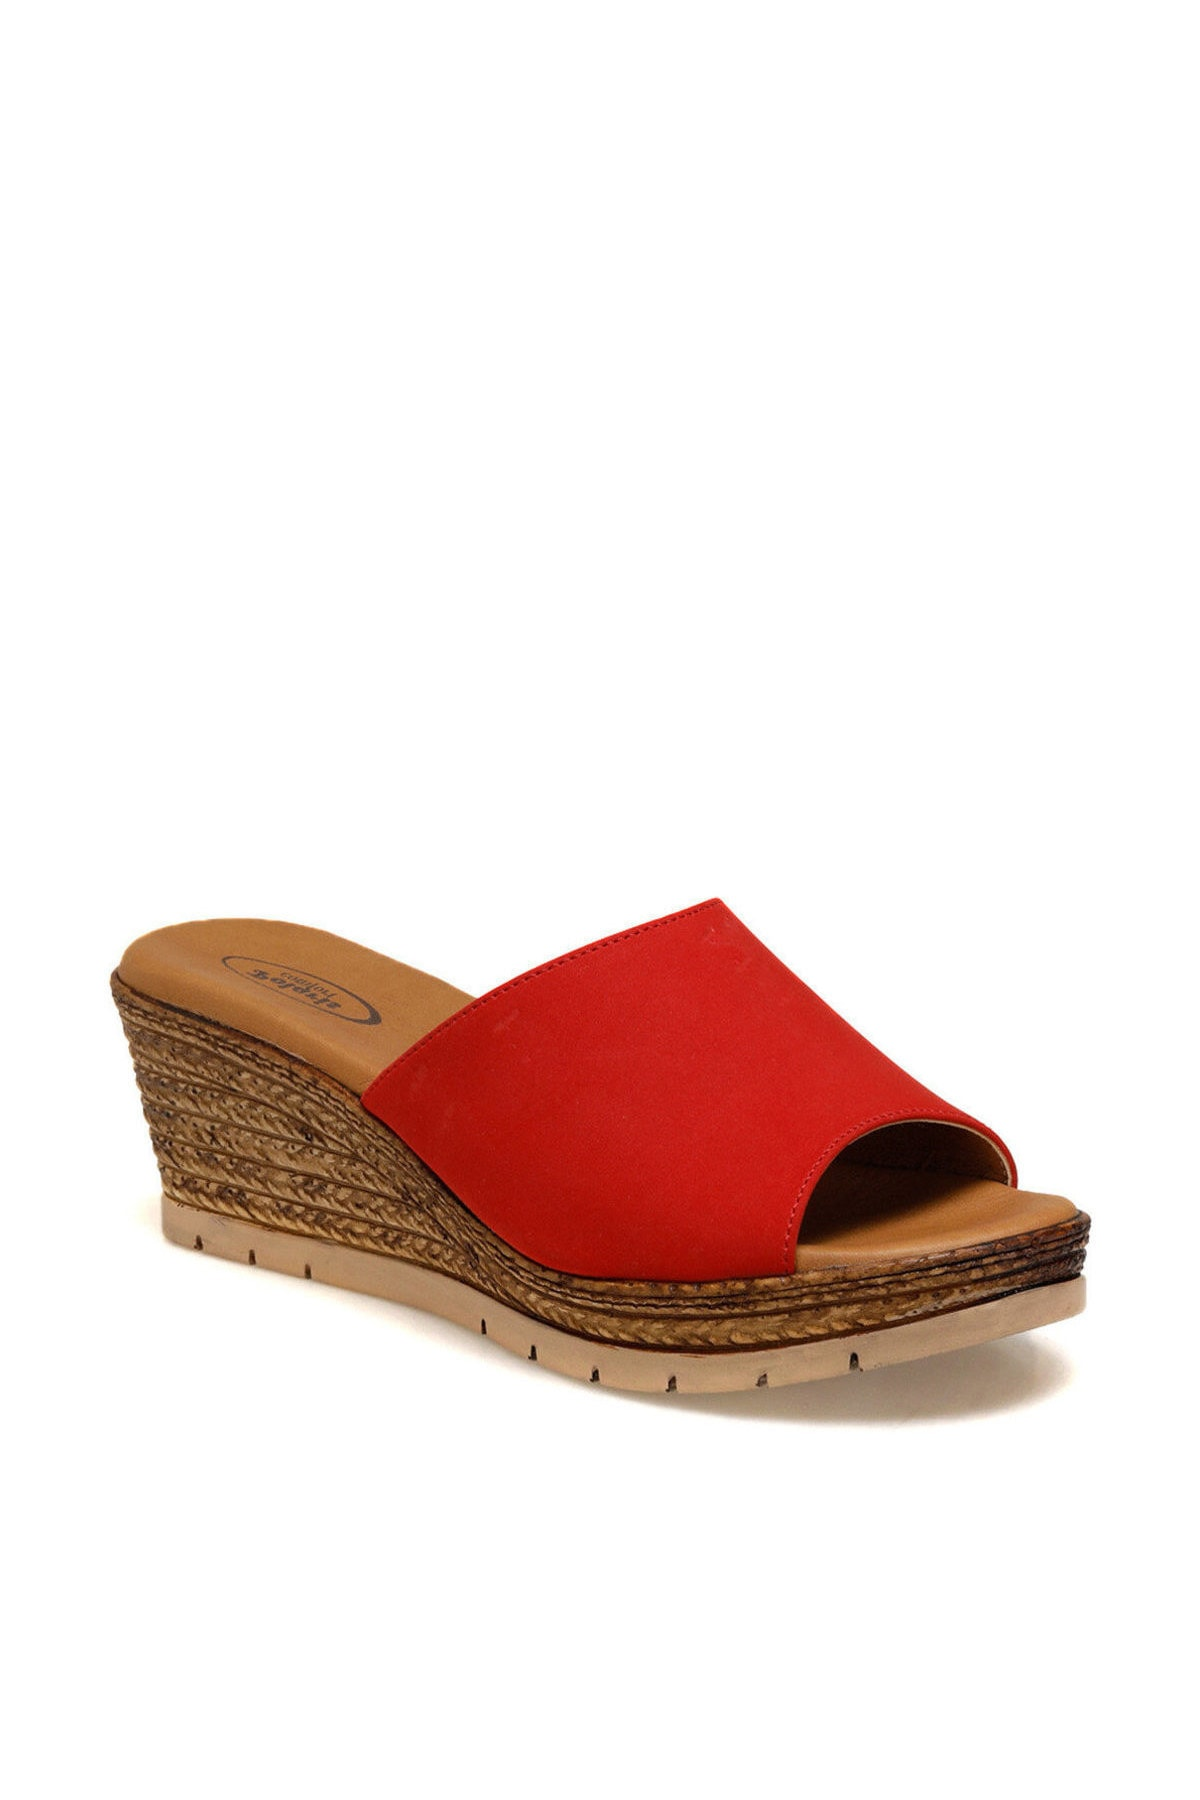 Polaris 161174.Z Kırmızı Kadın Sandalet 100509650 1